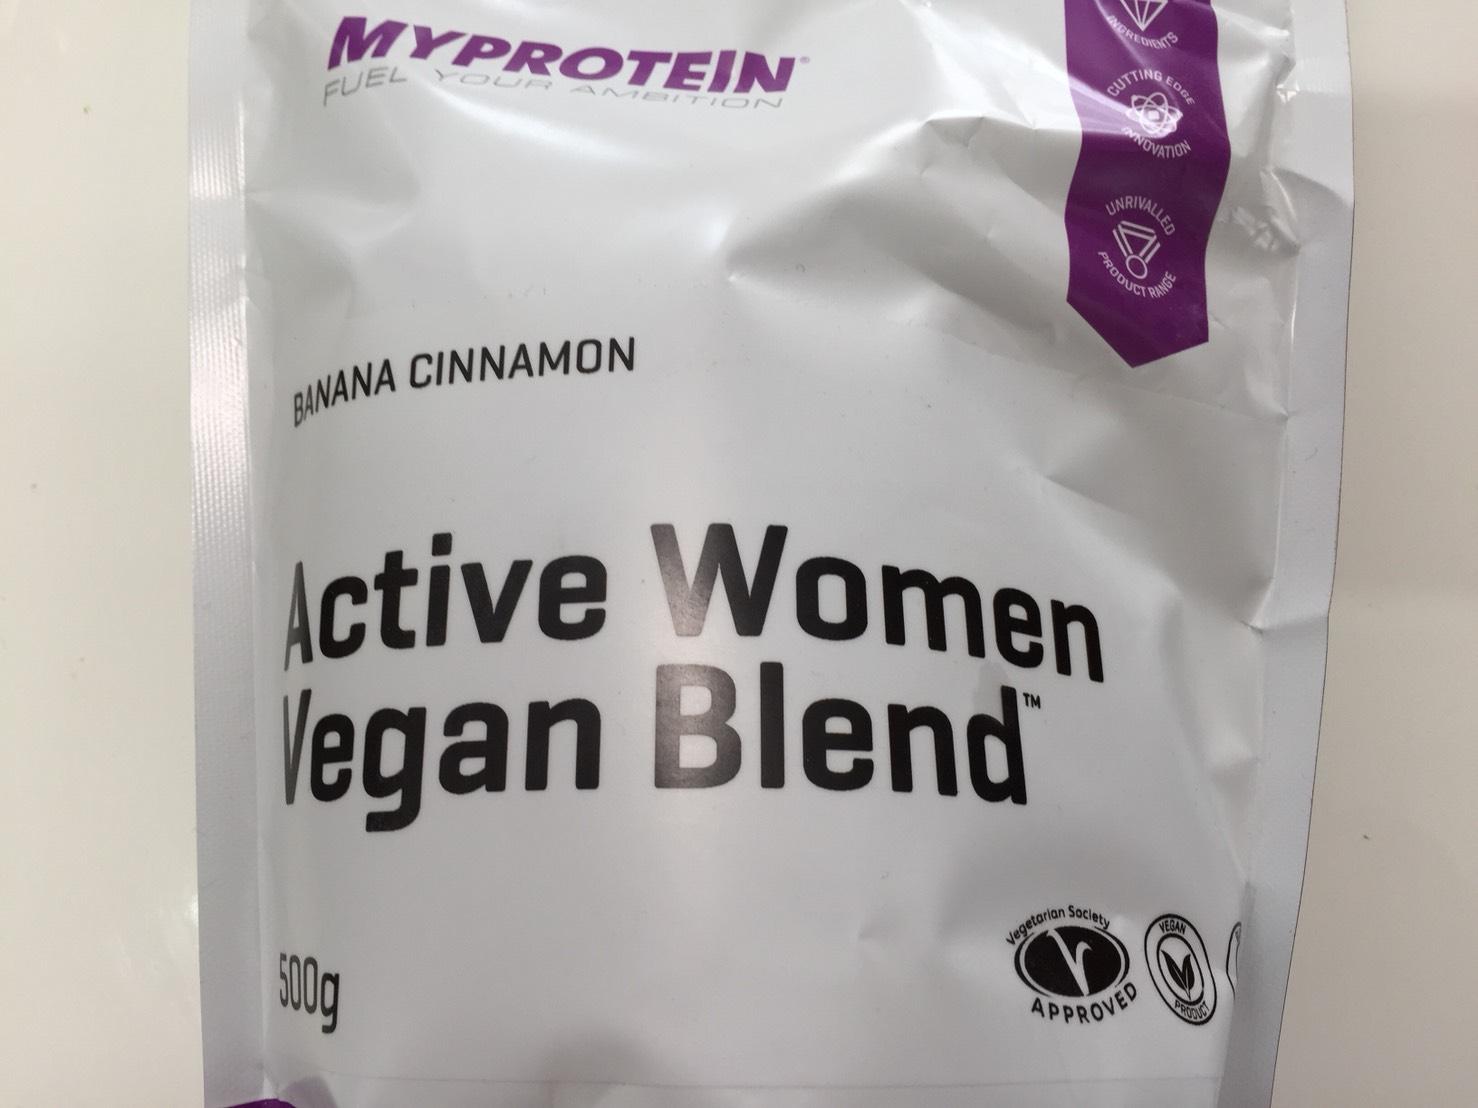 Active Women Vegan Blend(アクティブウーマンビーガンブレンド)「BANANA CINNAMON(バナナシナモン味)」